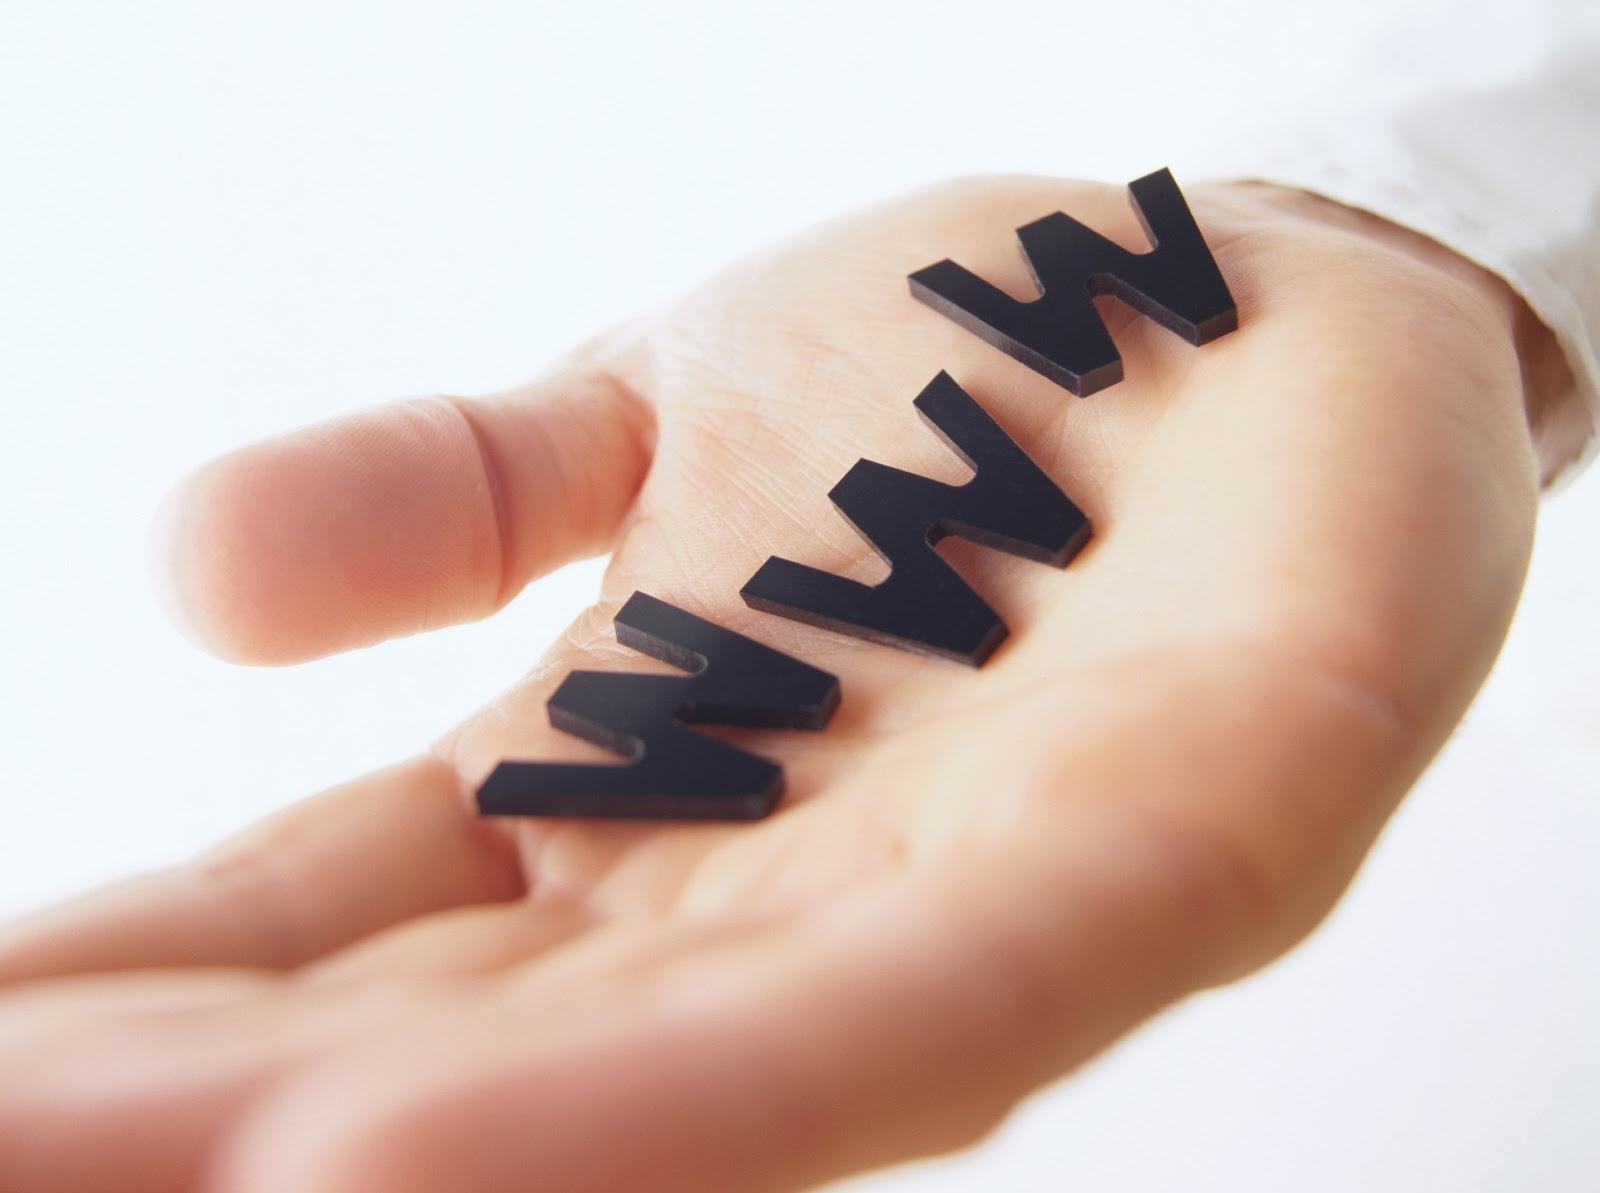 Как поменять доменное имя - прямое редактирование базы данных | n-wp.ru